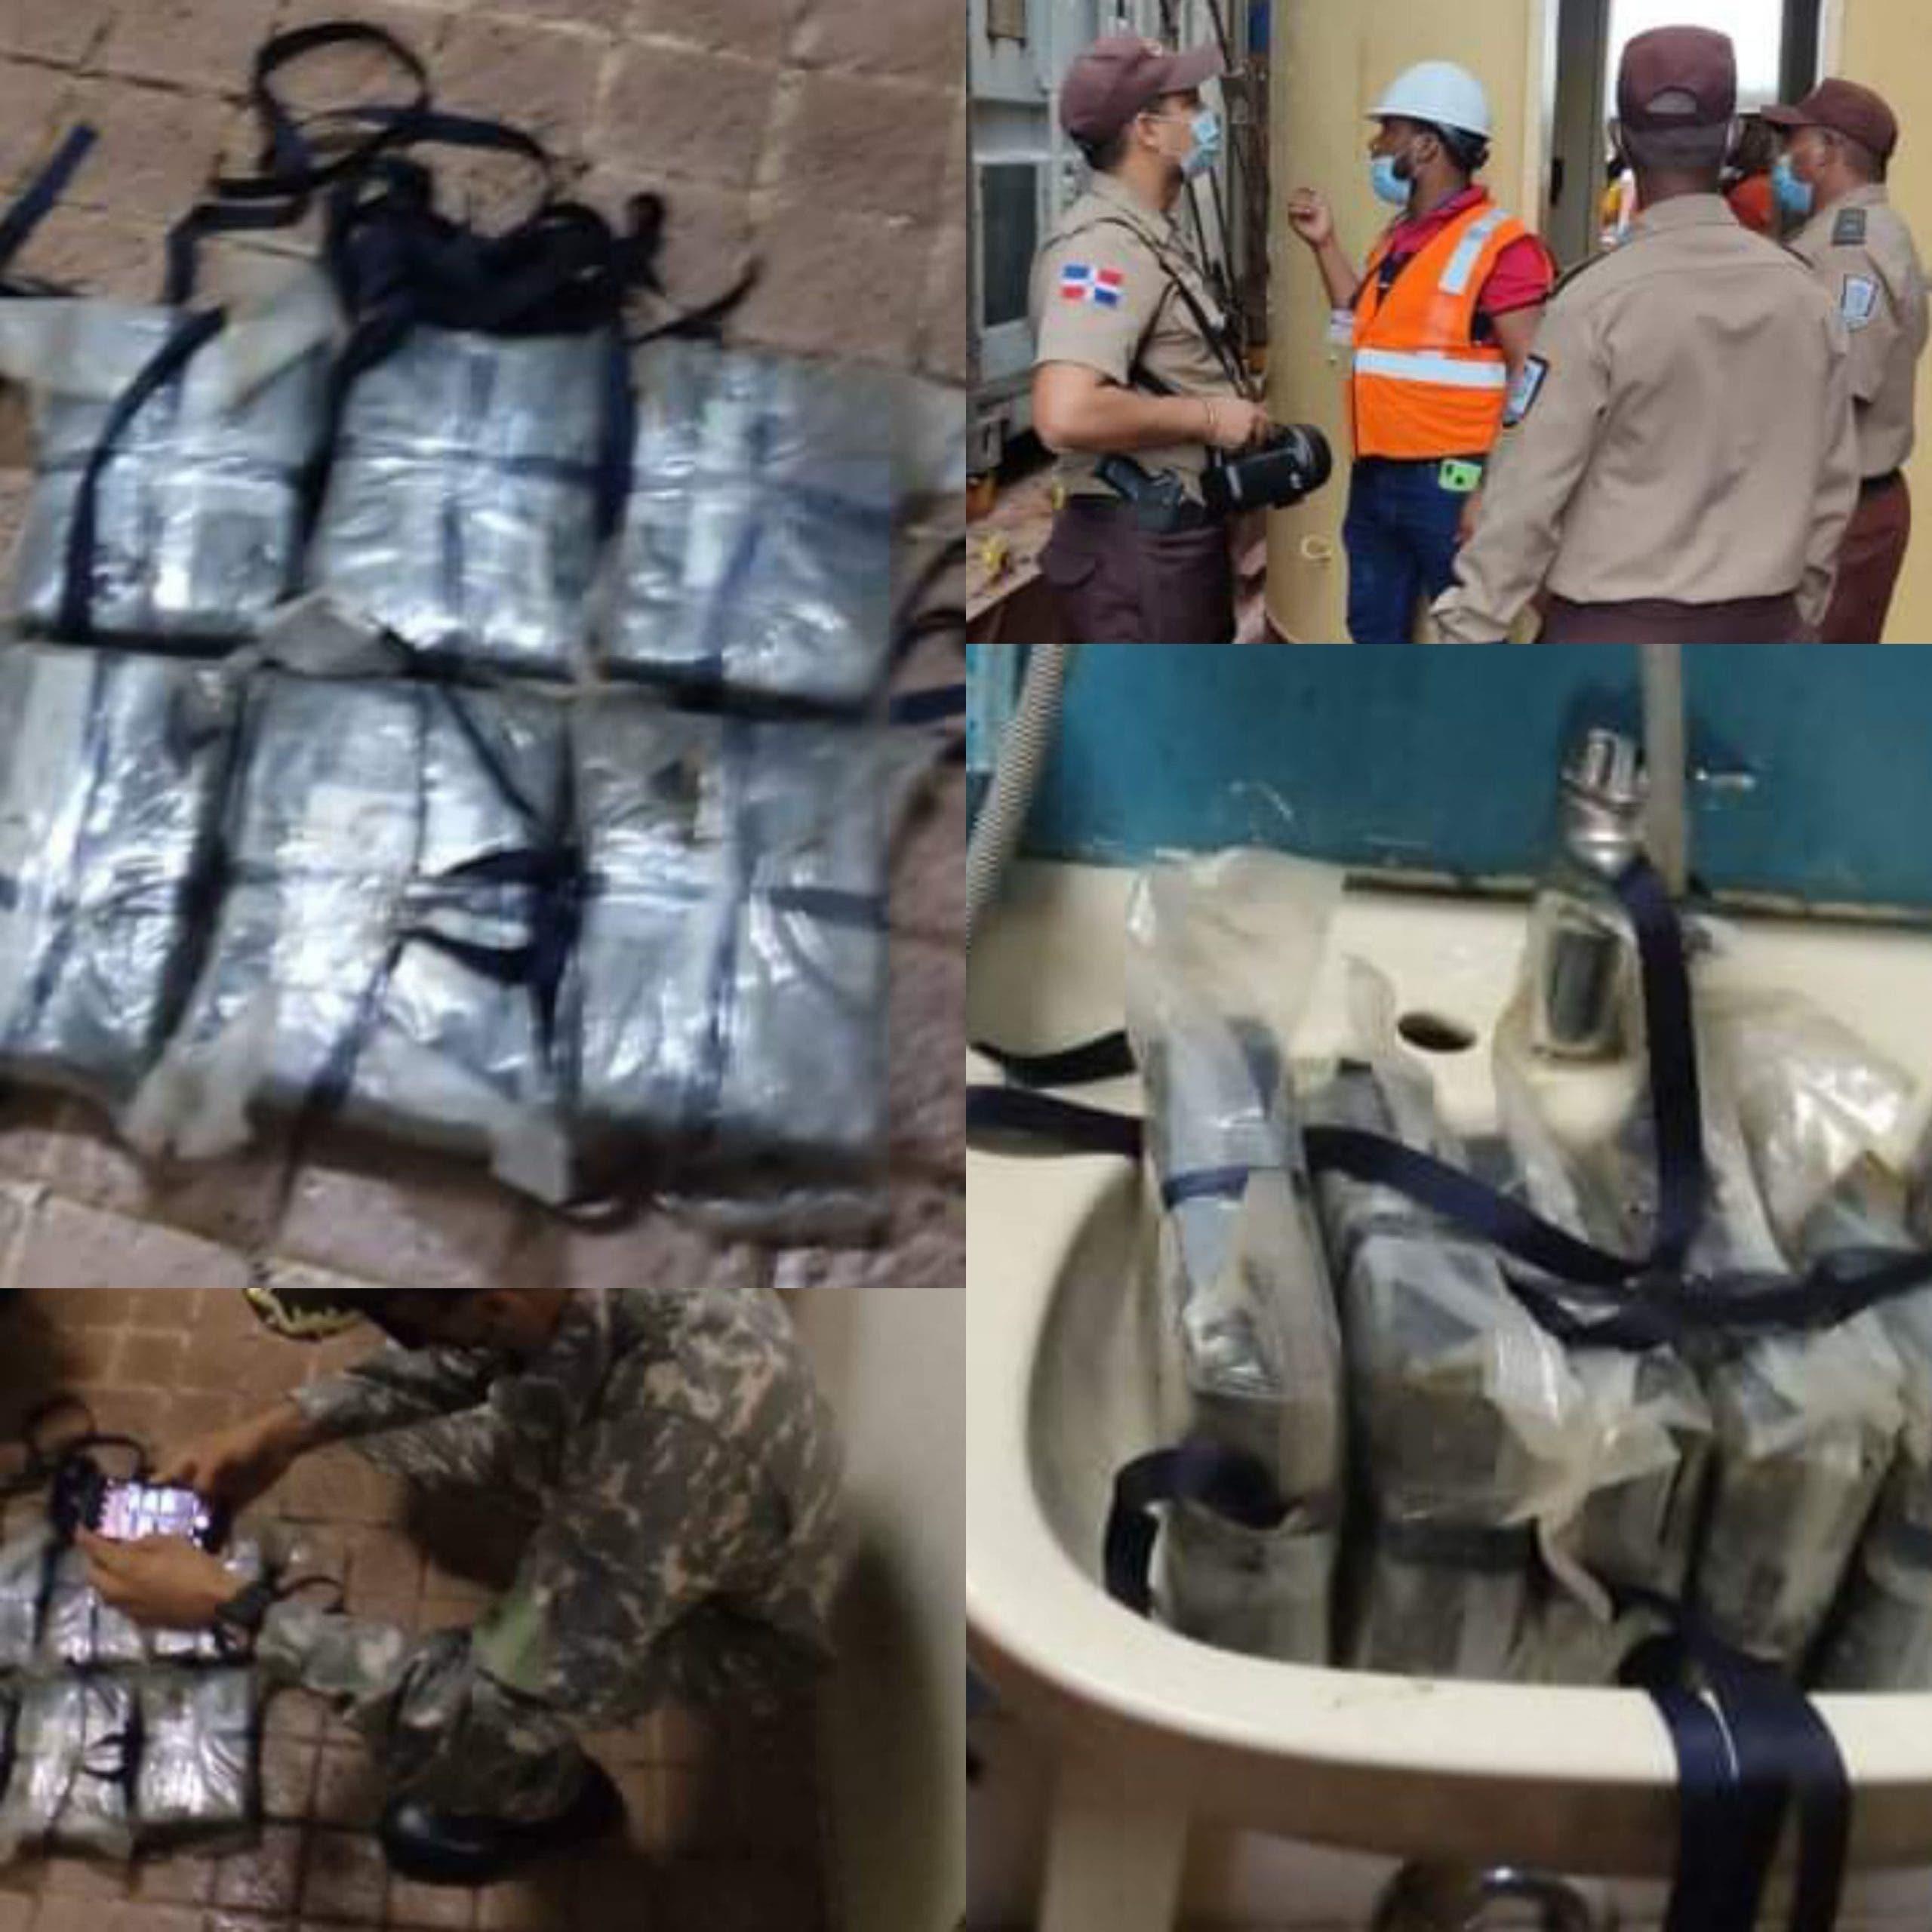 Hallan 6 paquetes de cocaína en barco mercante surto en muelle comercial de Puerto Plata